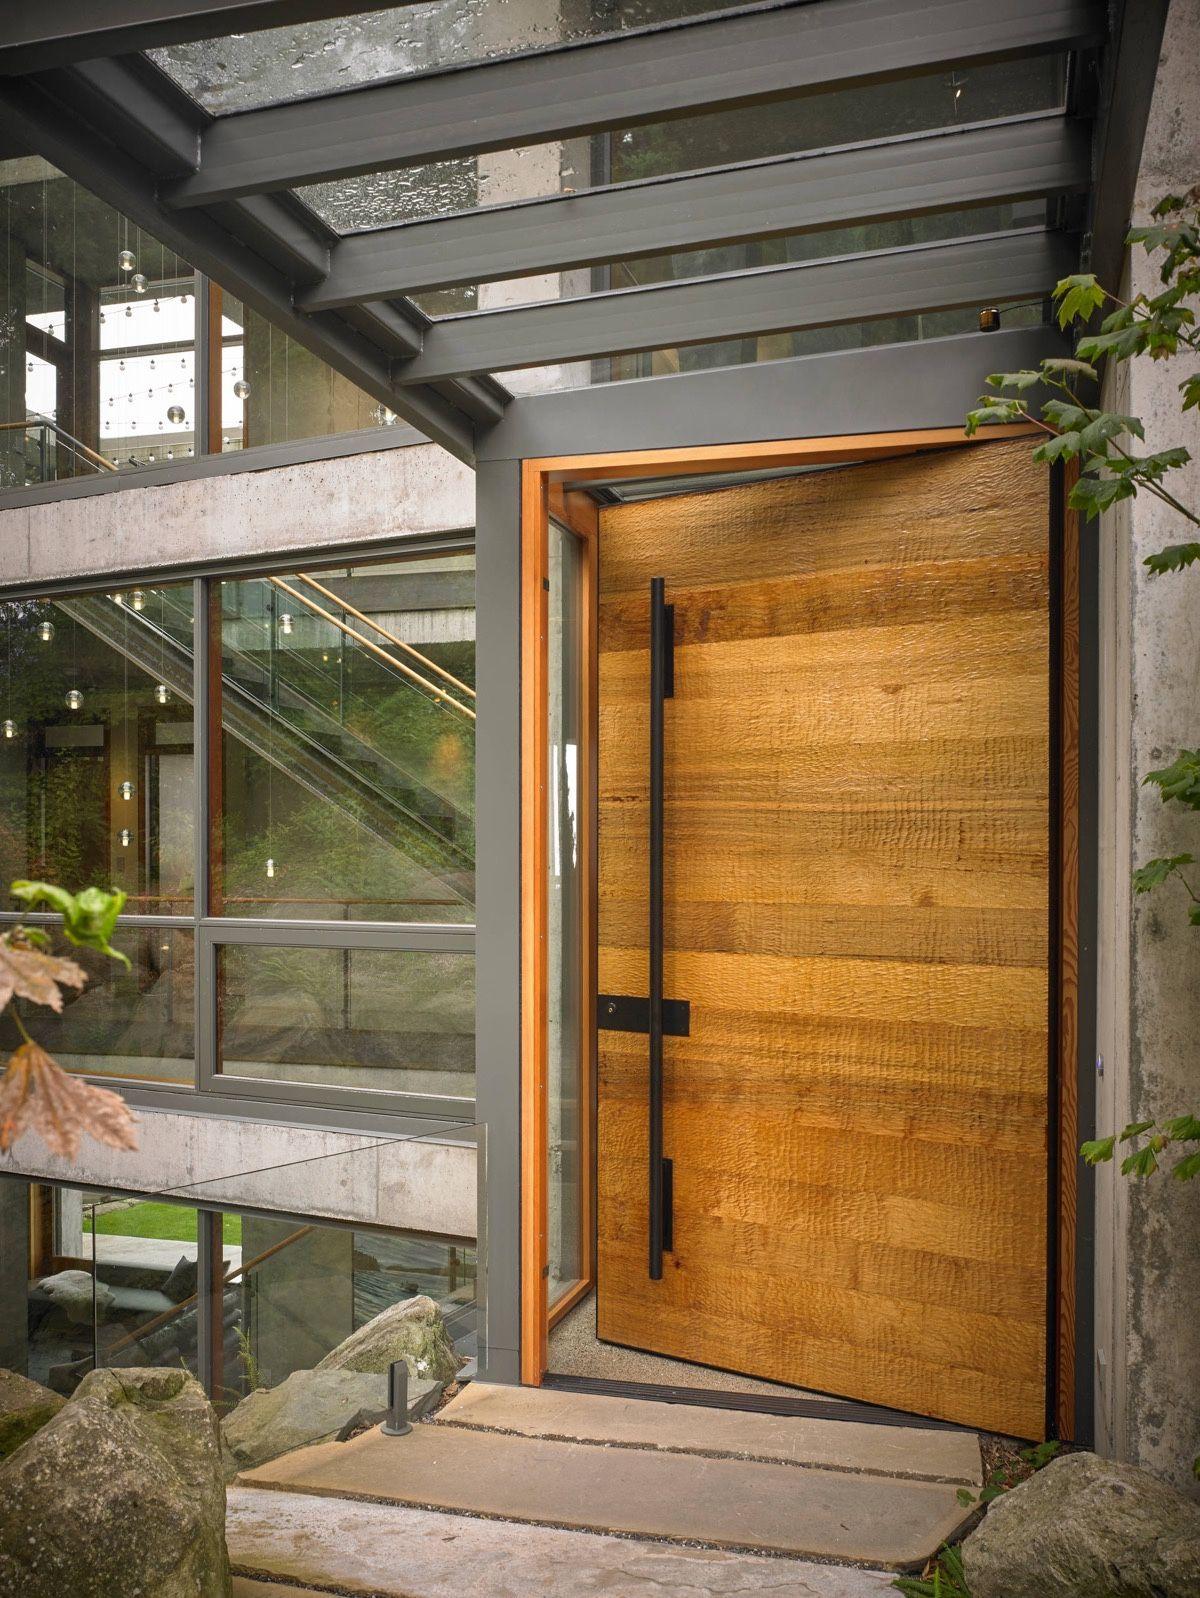 15 portes d 39 entr e modernes d couvrir entr e for Porte interieure maison contemporaine